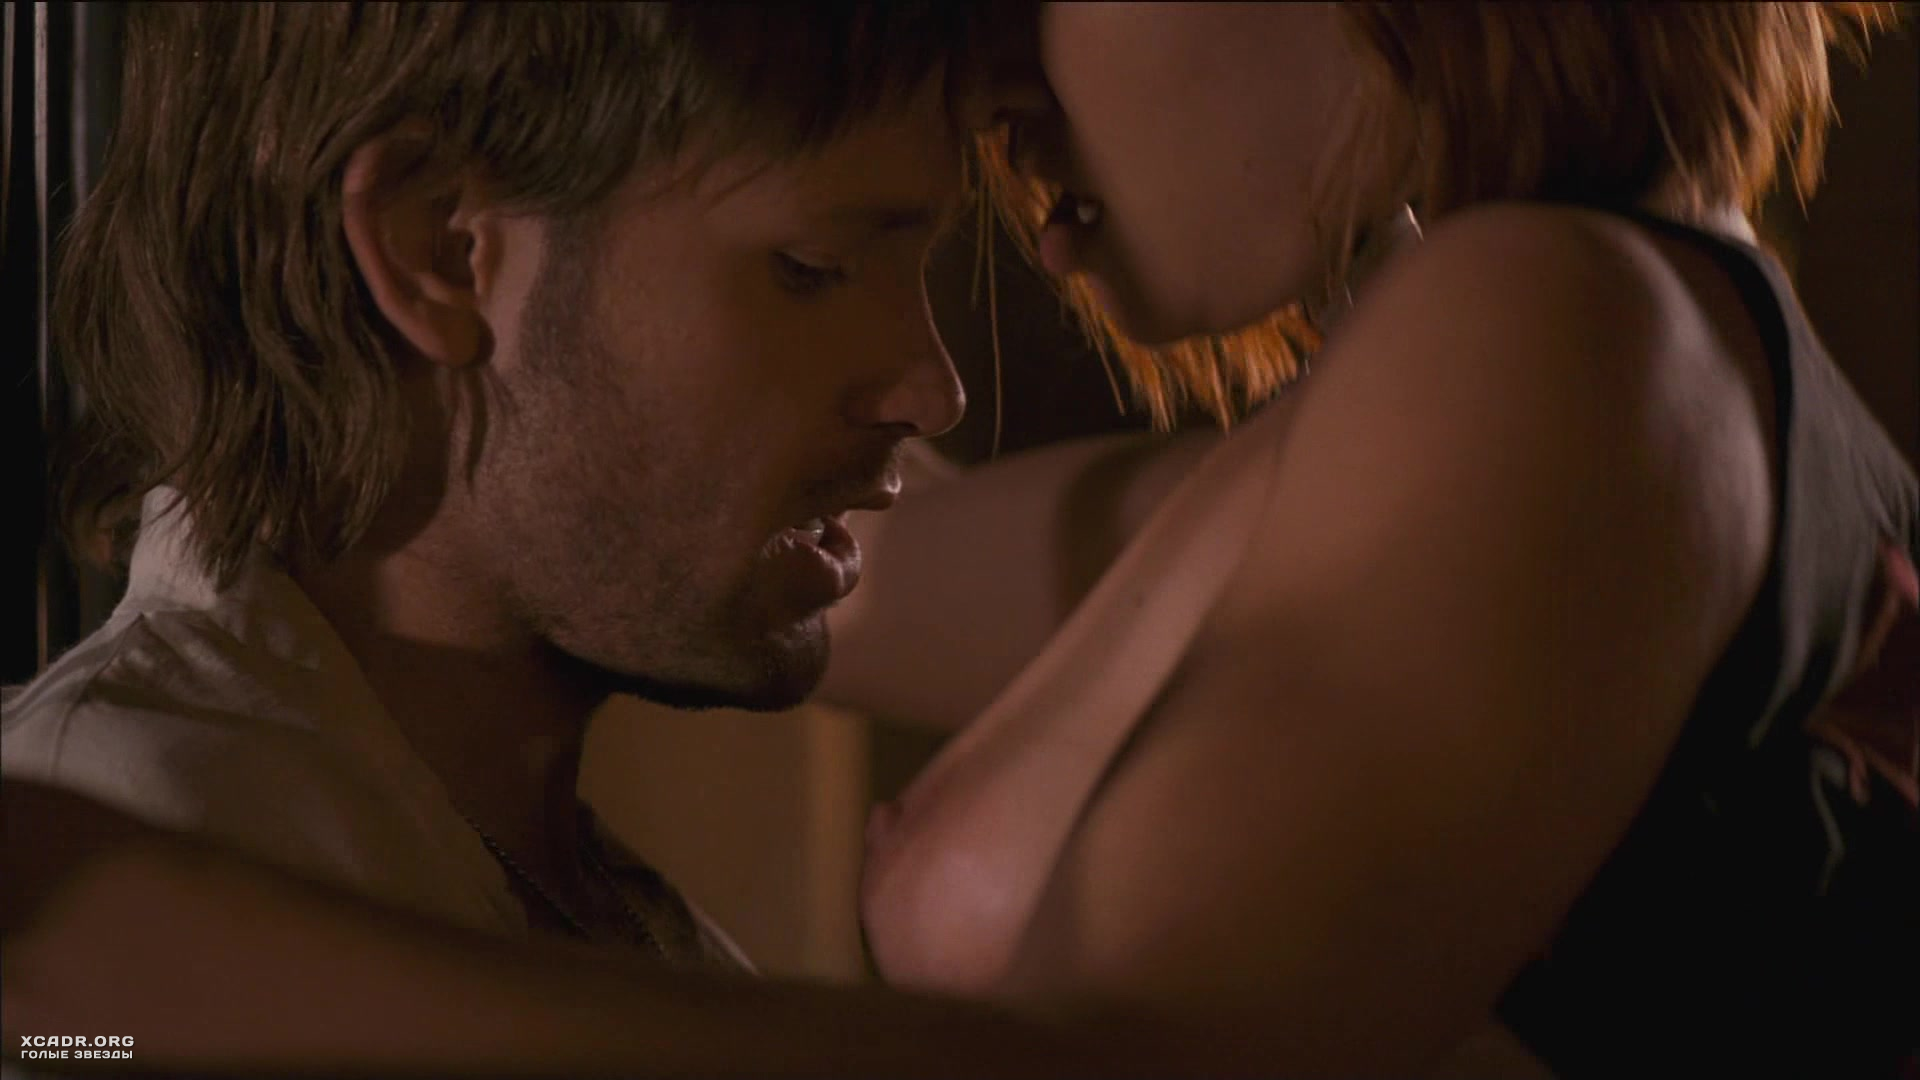 сцены дикого секса дадут